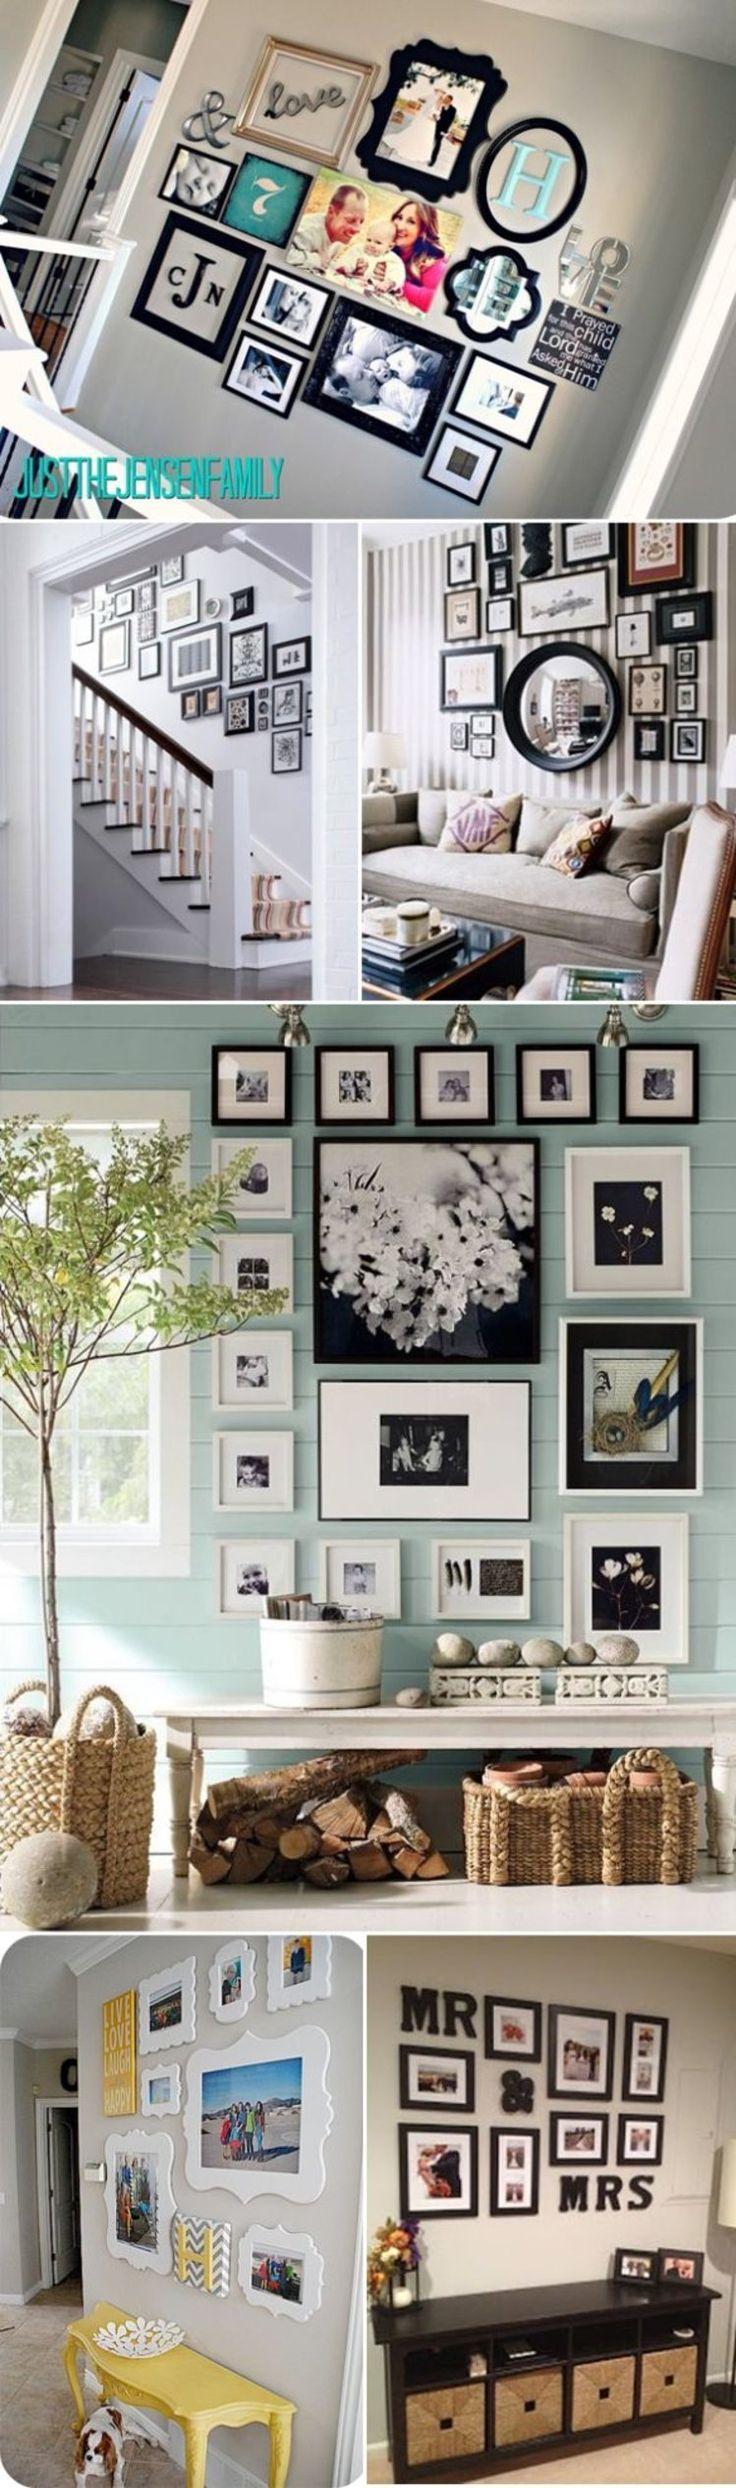 Coś dla fanów zdjęć - Dekoracje dekoracje,ramki,zdjęcia - kobieceinspiracje.pl